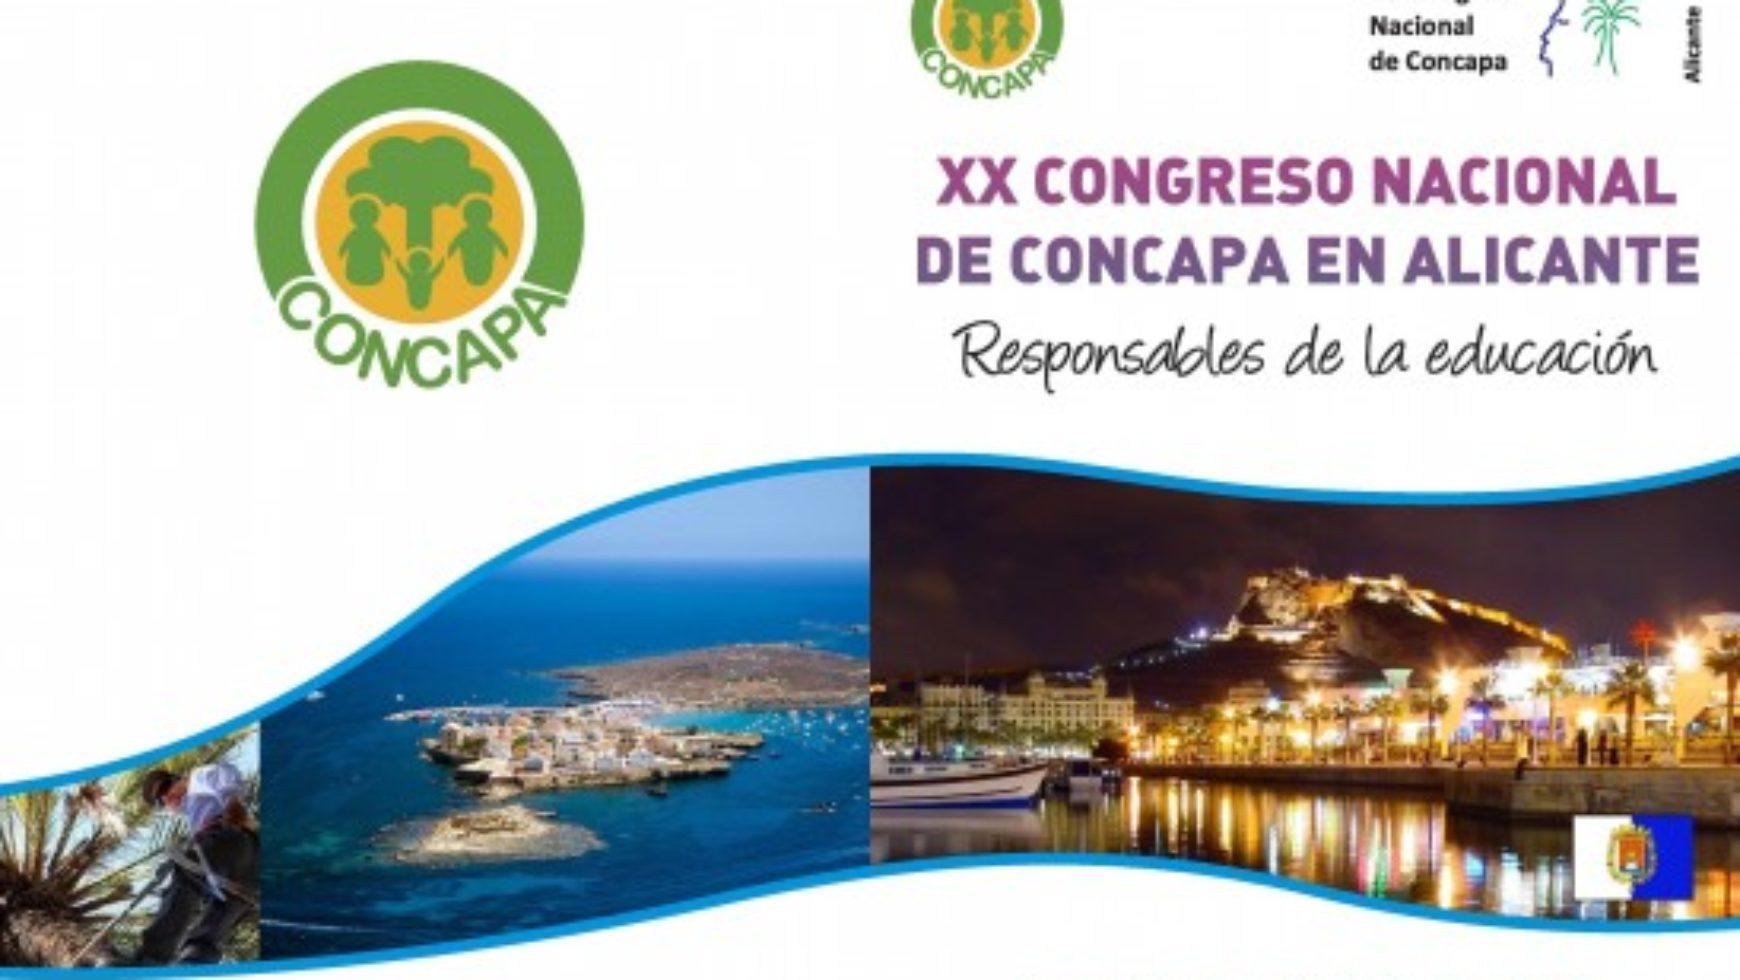 XX CONGRESO NACIONAL DE CONCAPA EN ALICANTE: RESPONSABLES DE LA EDUCACIÓN